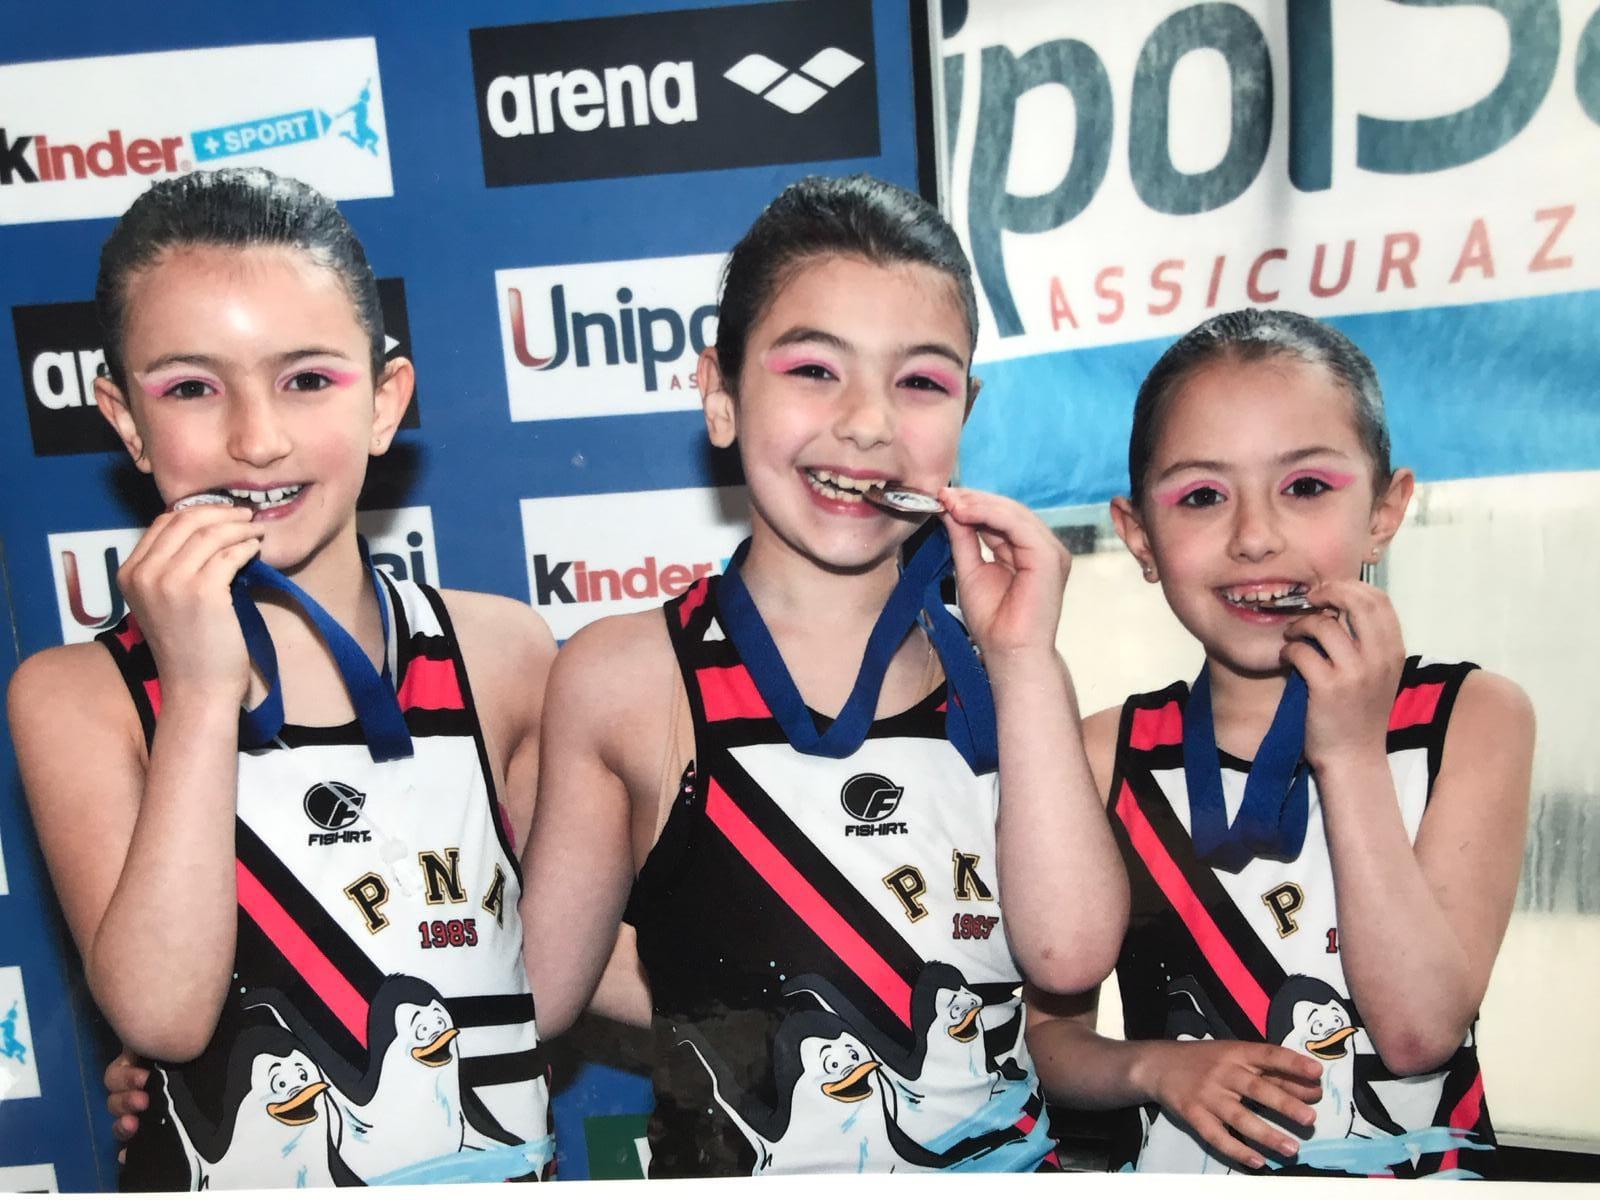 Medaglia di bronzo per le esordienti della Pinguino Nuto ai campionati italiani a Genova